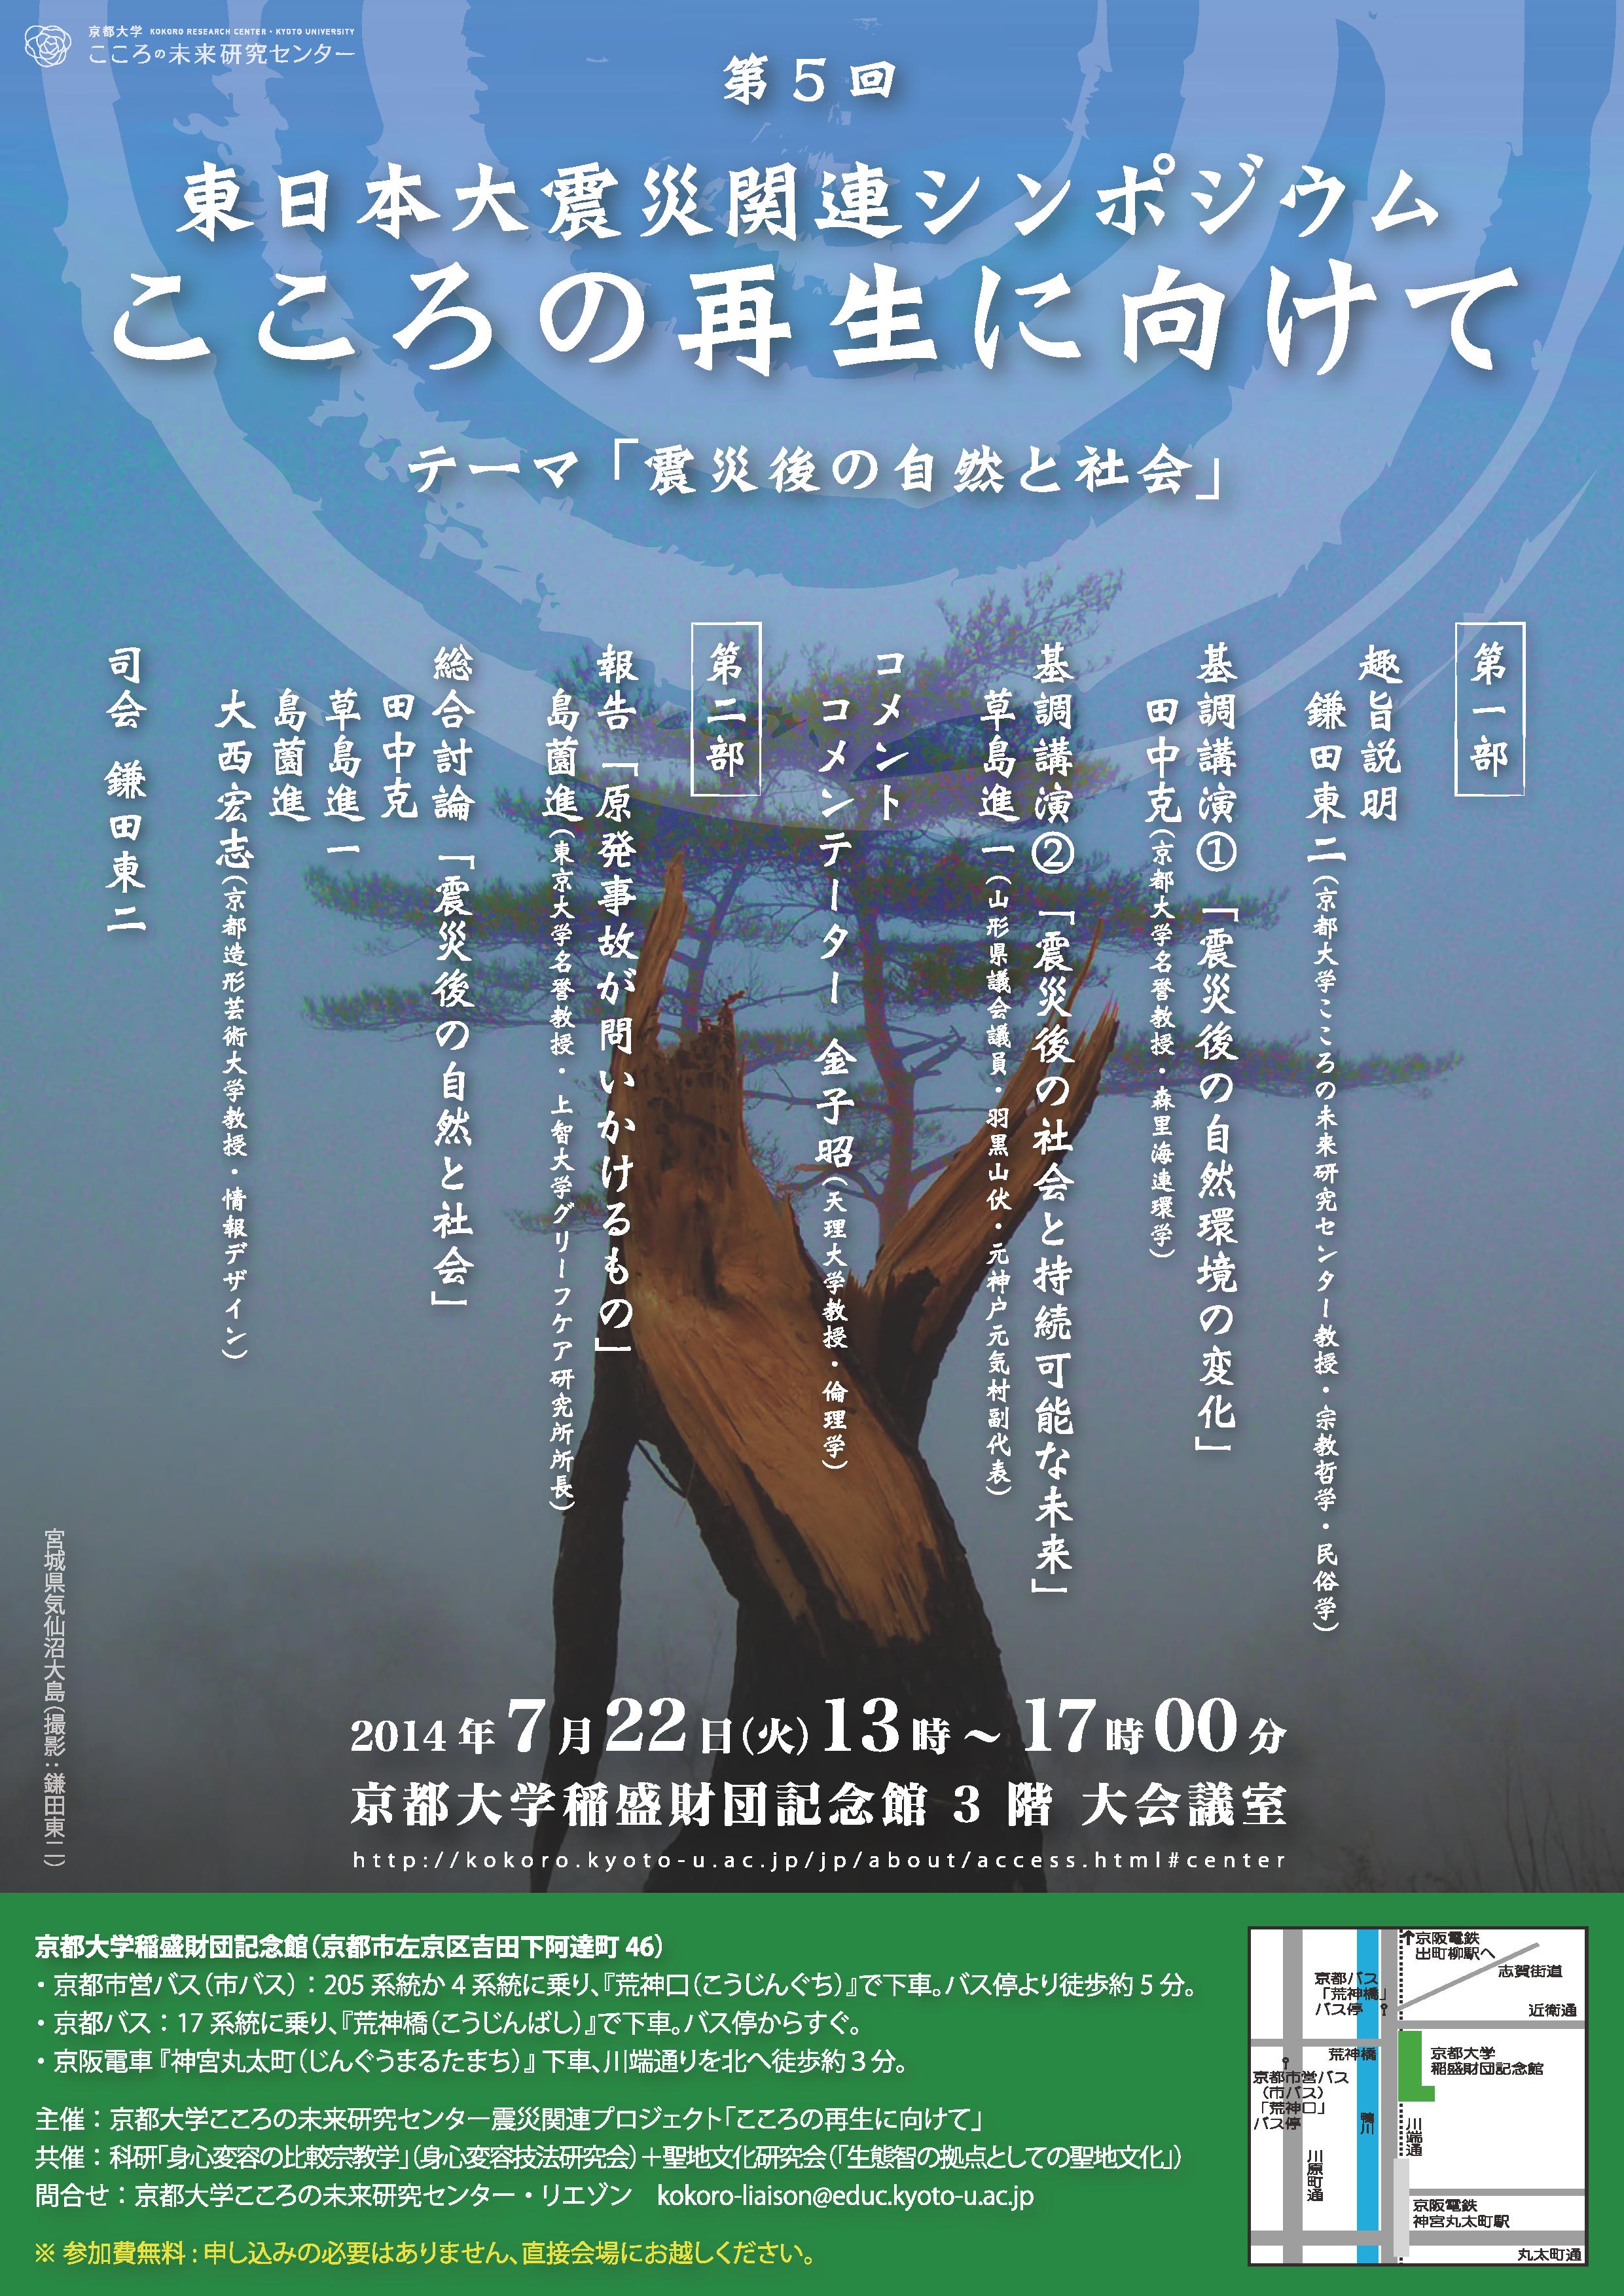 第5回東日本大震災関連シンポジウム「こころの再生に向けて~震災後の自然と社会」